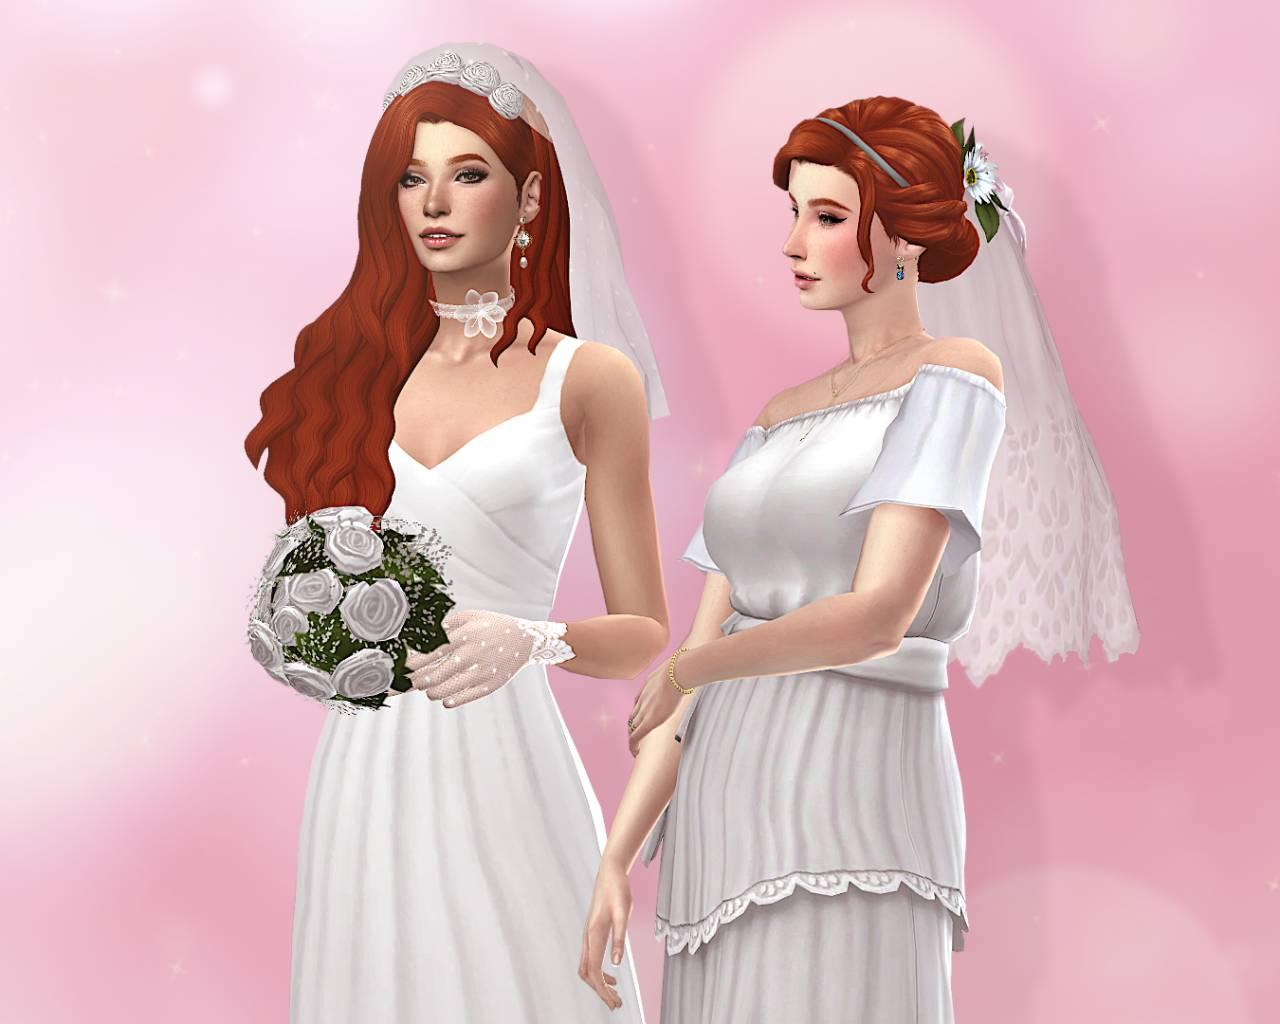 Сет для невест - Daisy & Rose